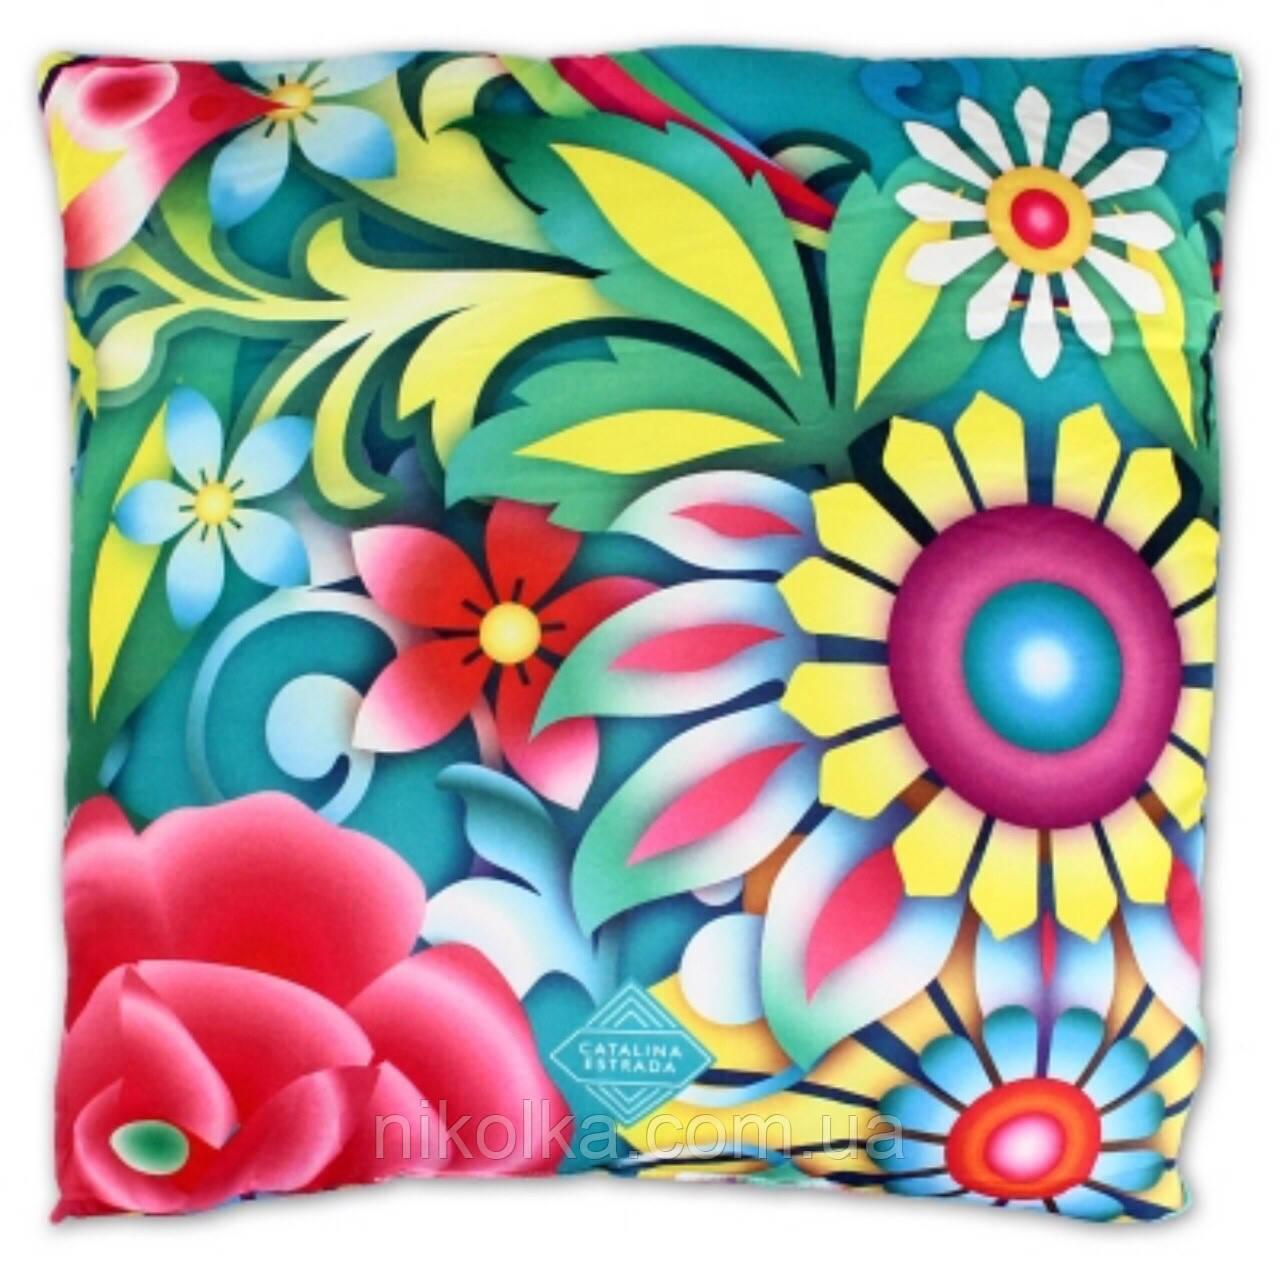 Подушка для девочек оптом, Disney, 40*40 см, арт. 610-073